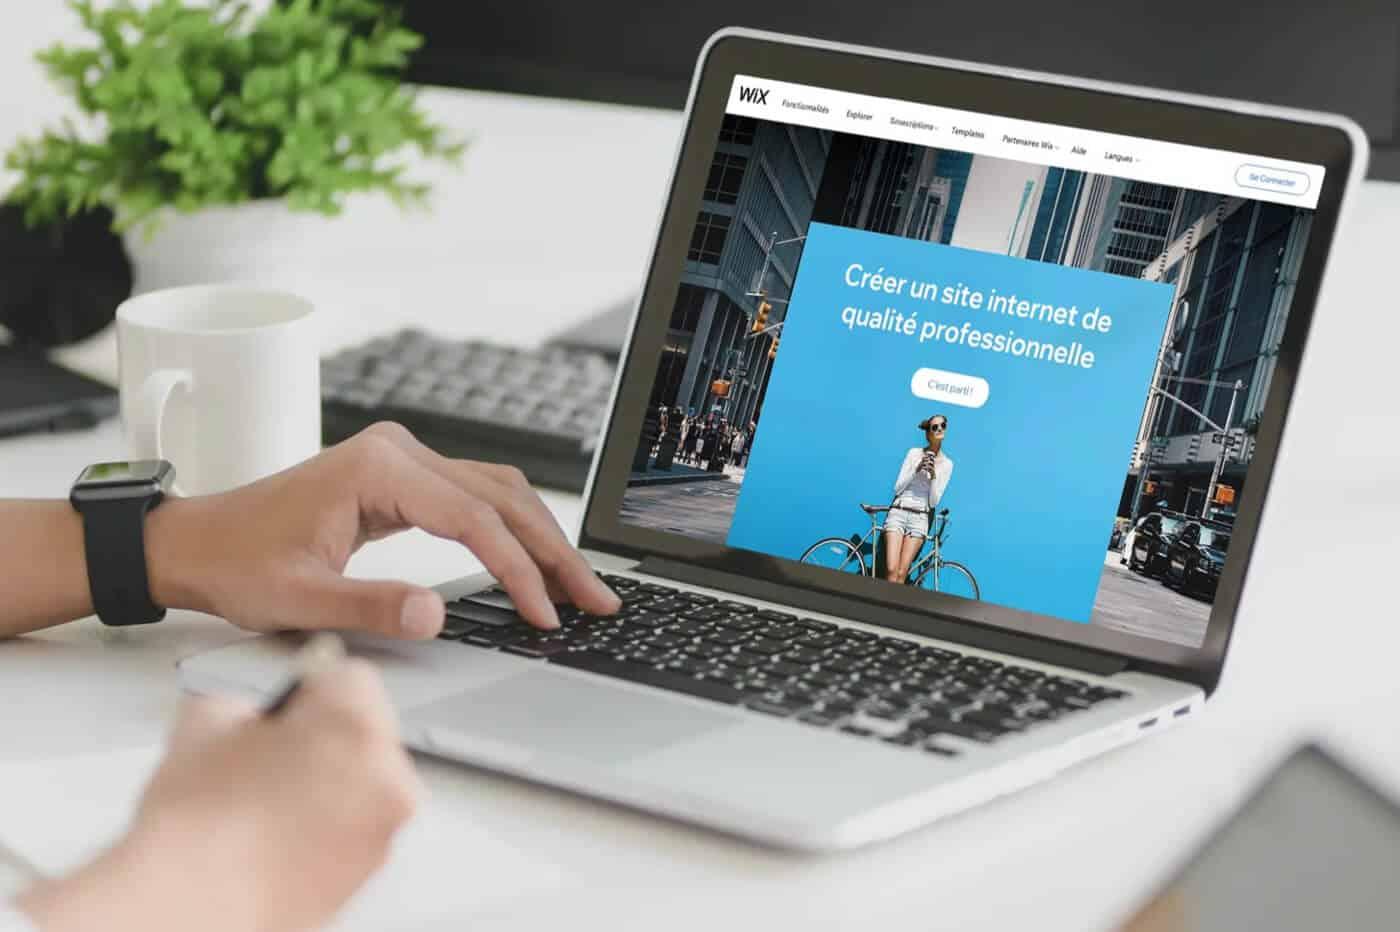 L'importance de soigner la page d'accueil d'un site internet